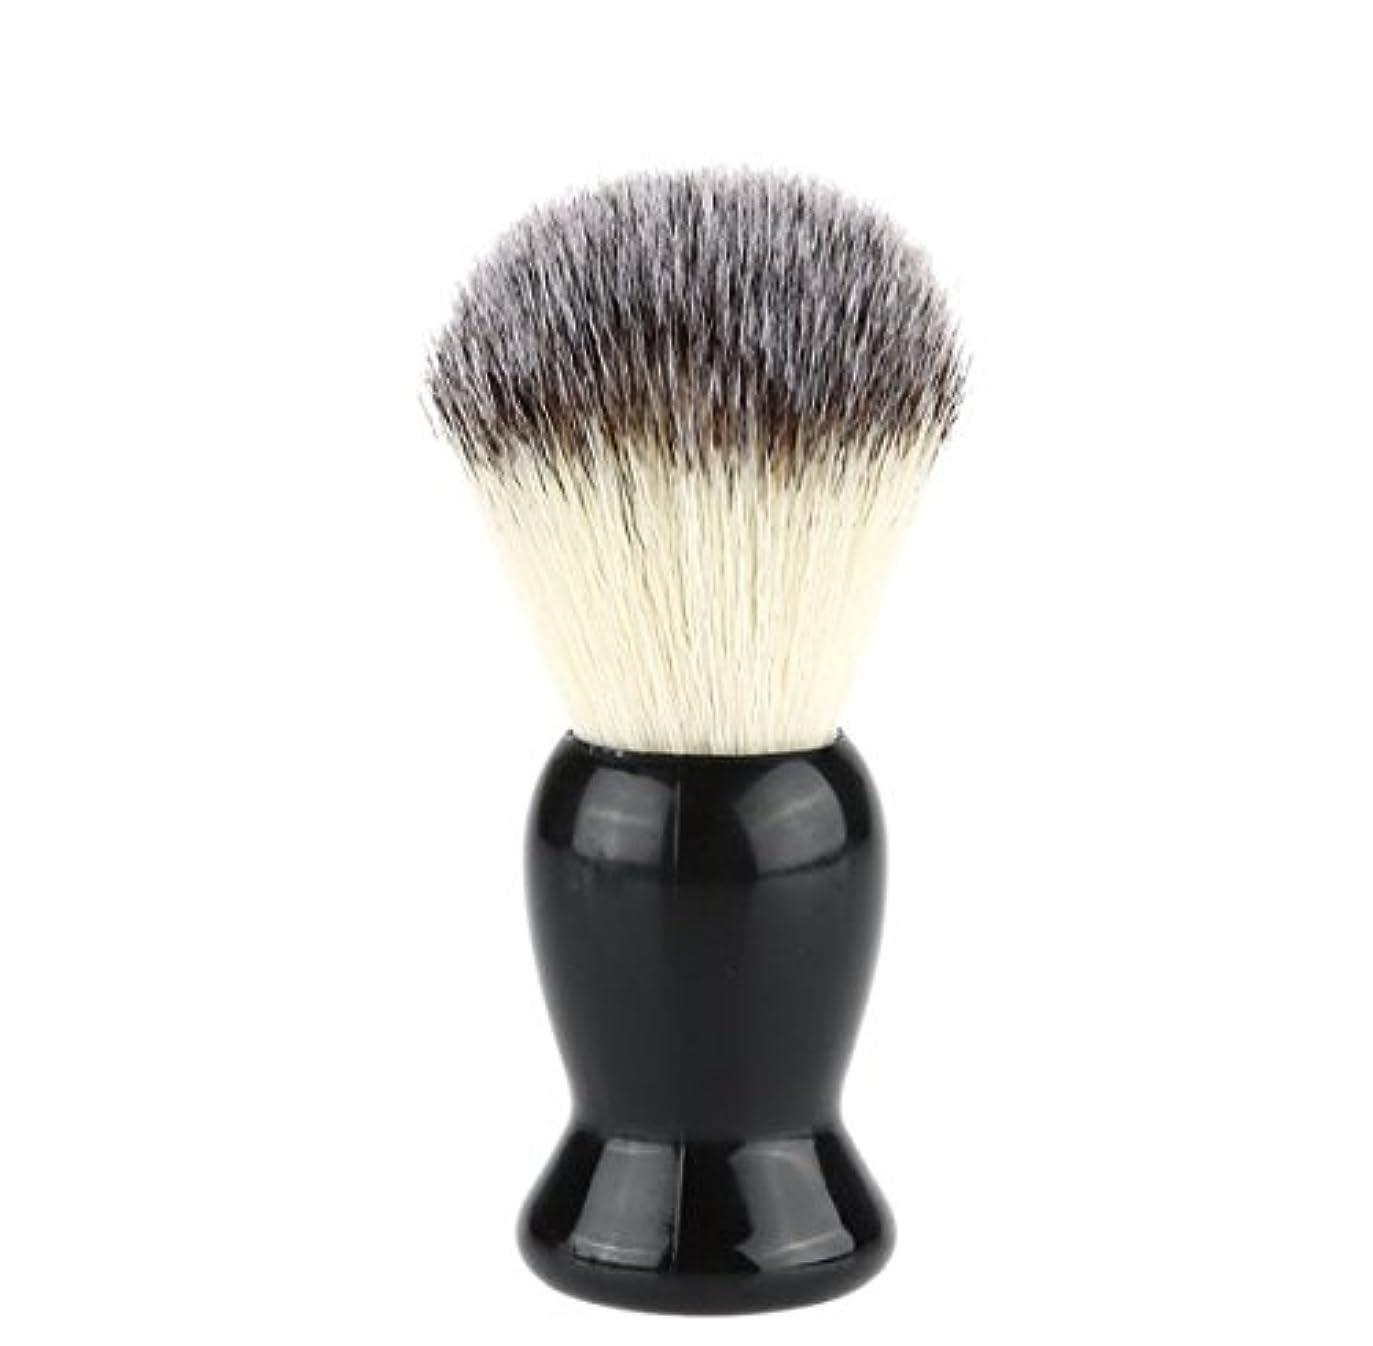 何よりものまどろみのあるSuperb Barber Salon Shaving Brush Black Handle Face Beard Cleaning Men Shaving Razor Brush Cleaning Appliance...